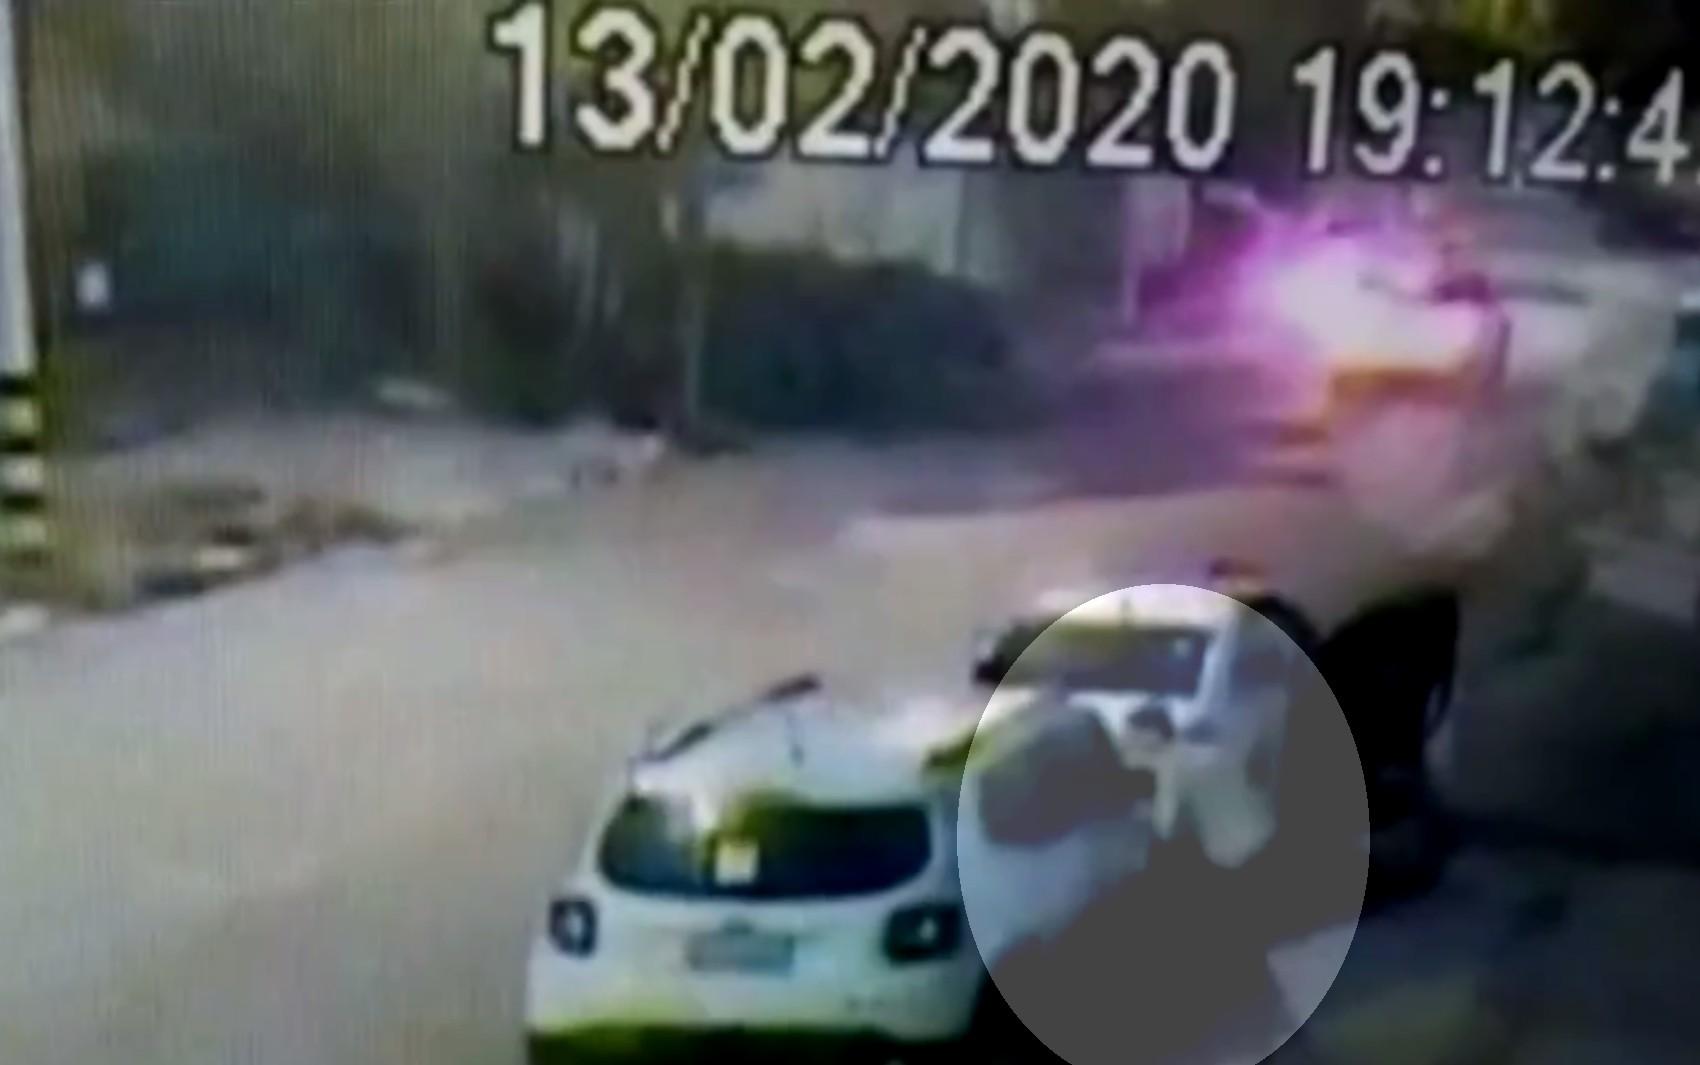 Vídeo mostra homem quebrando vidro de carro e furtando computadores, em Goiânia